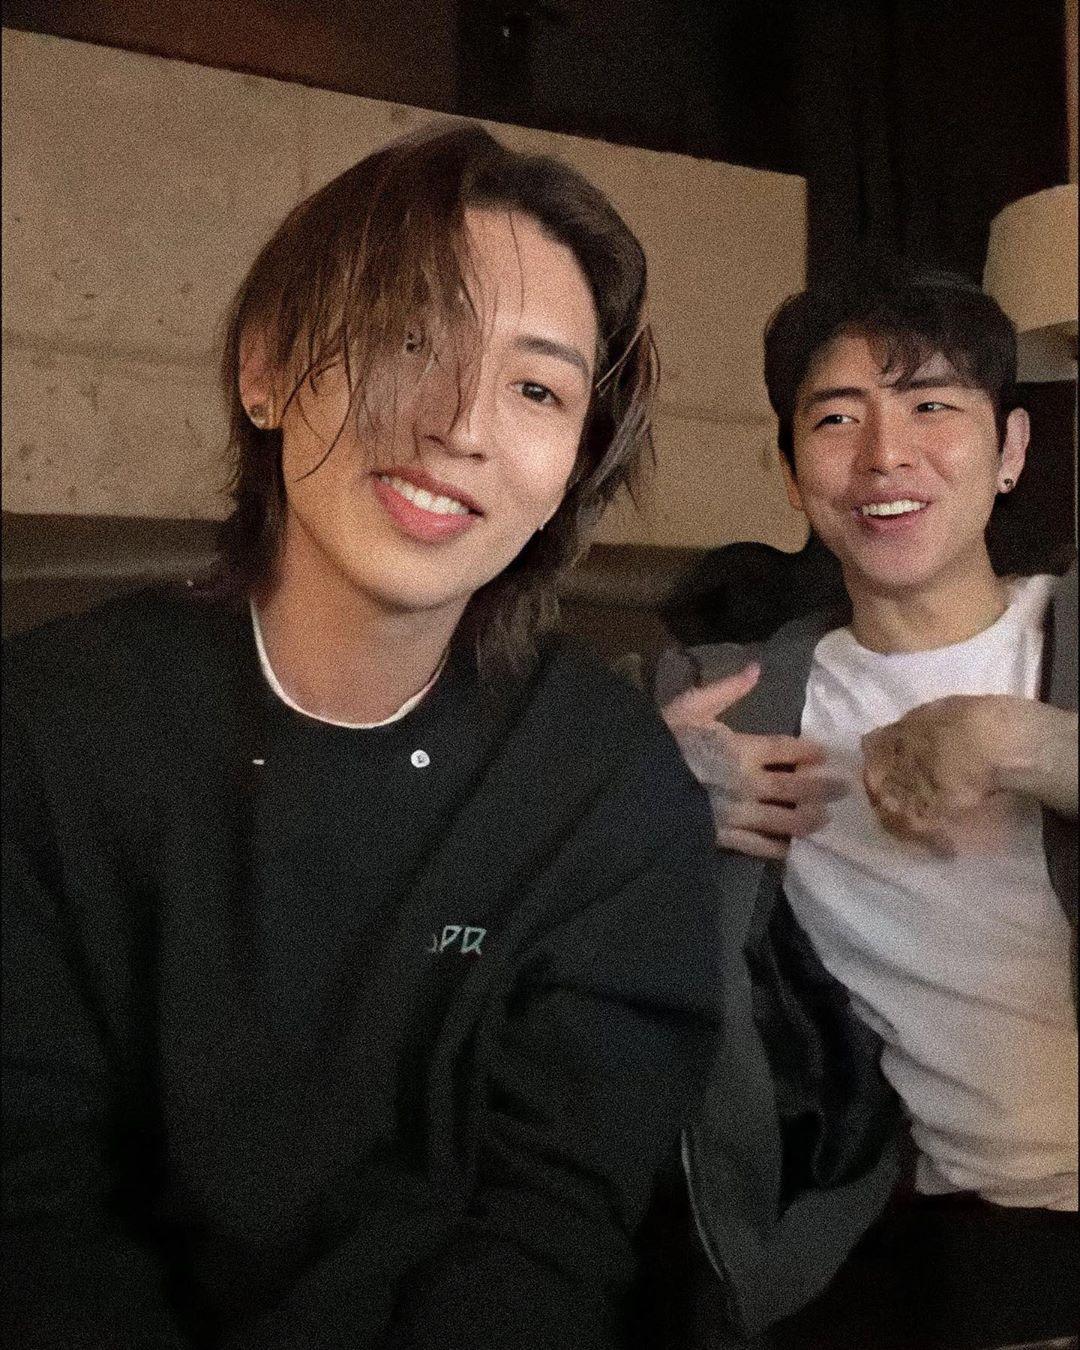 Sage On Instagram The Best Boys Dprarchive Via Twt Dpr Dprlive Dreamperfectregime Hongdabin Dabin Kpop Rappers Christian Yu Dpr Live